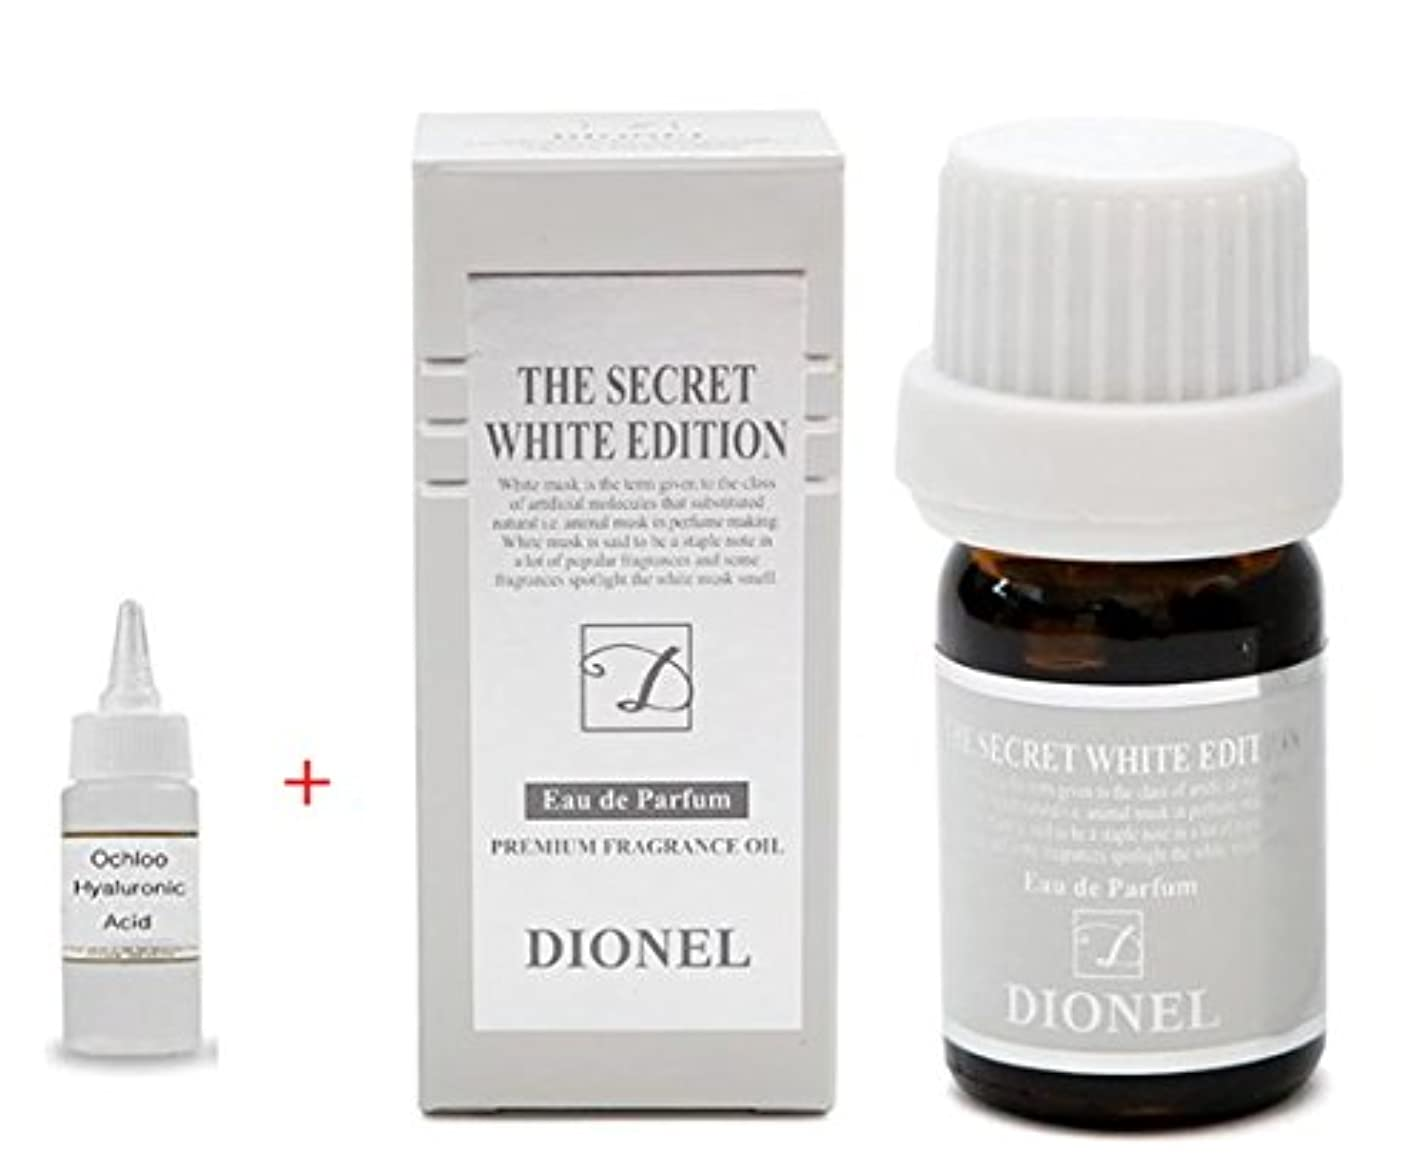 [Dionel] 香水のような女性清潔剤、プレミアムアロマエッセンス Love Secret White Edition Dionel 5ml. ラブブラックエディション、一滴の奇跡. Made in Korea + +...